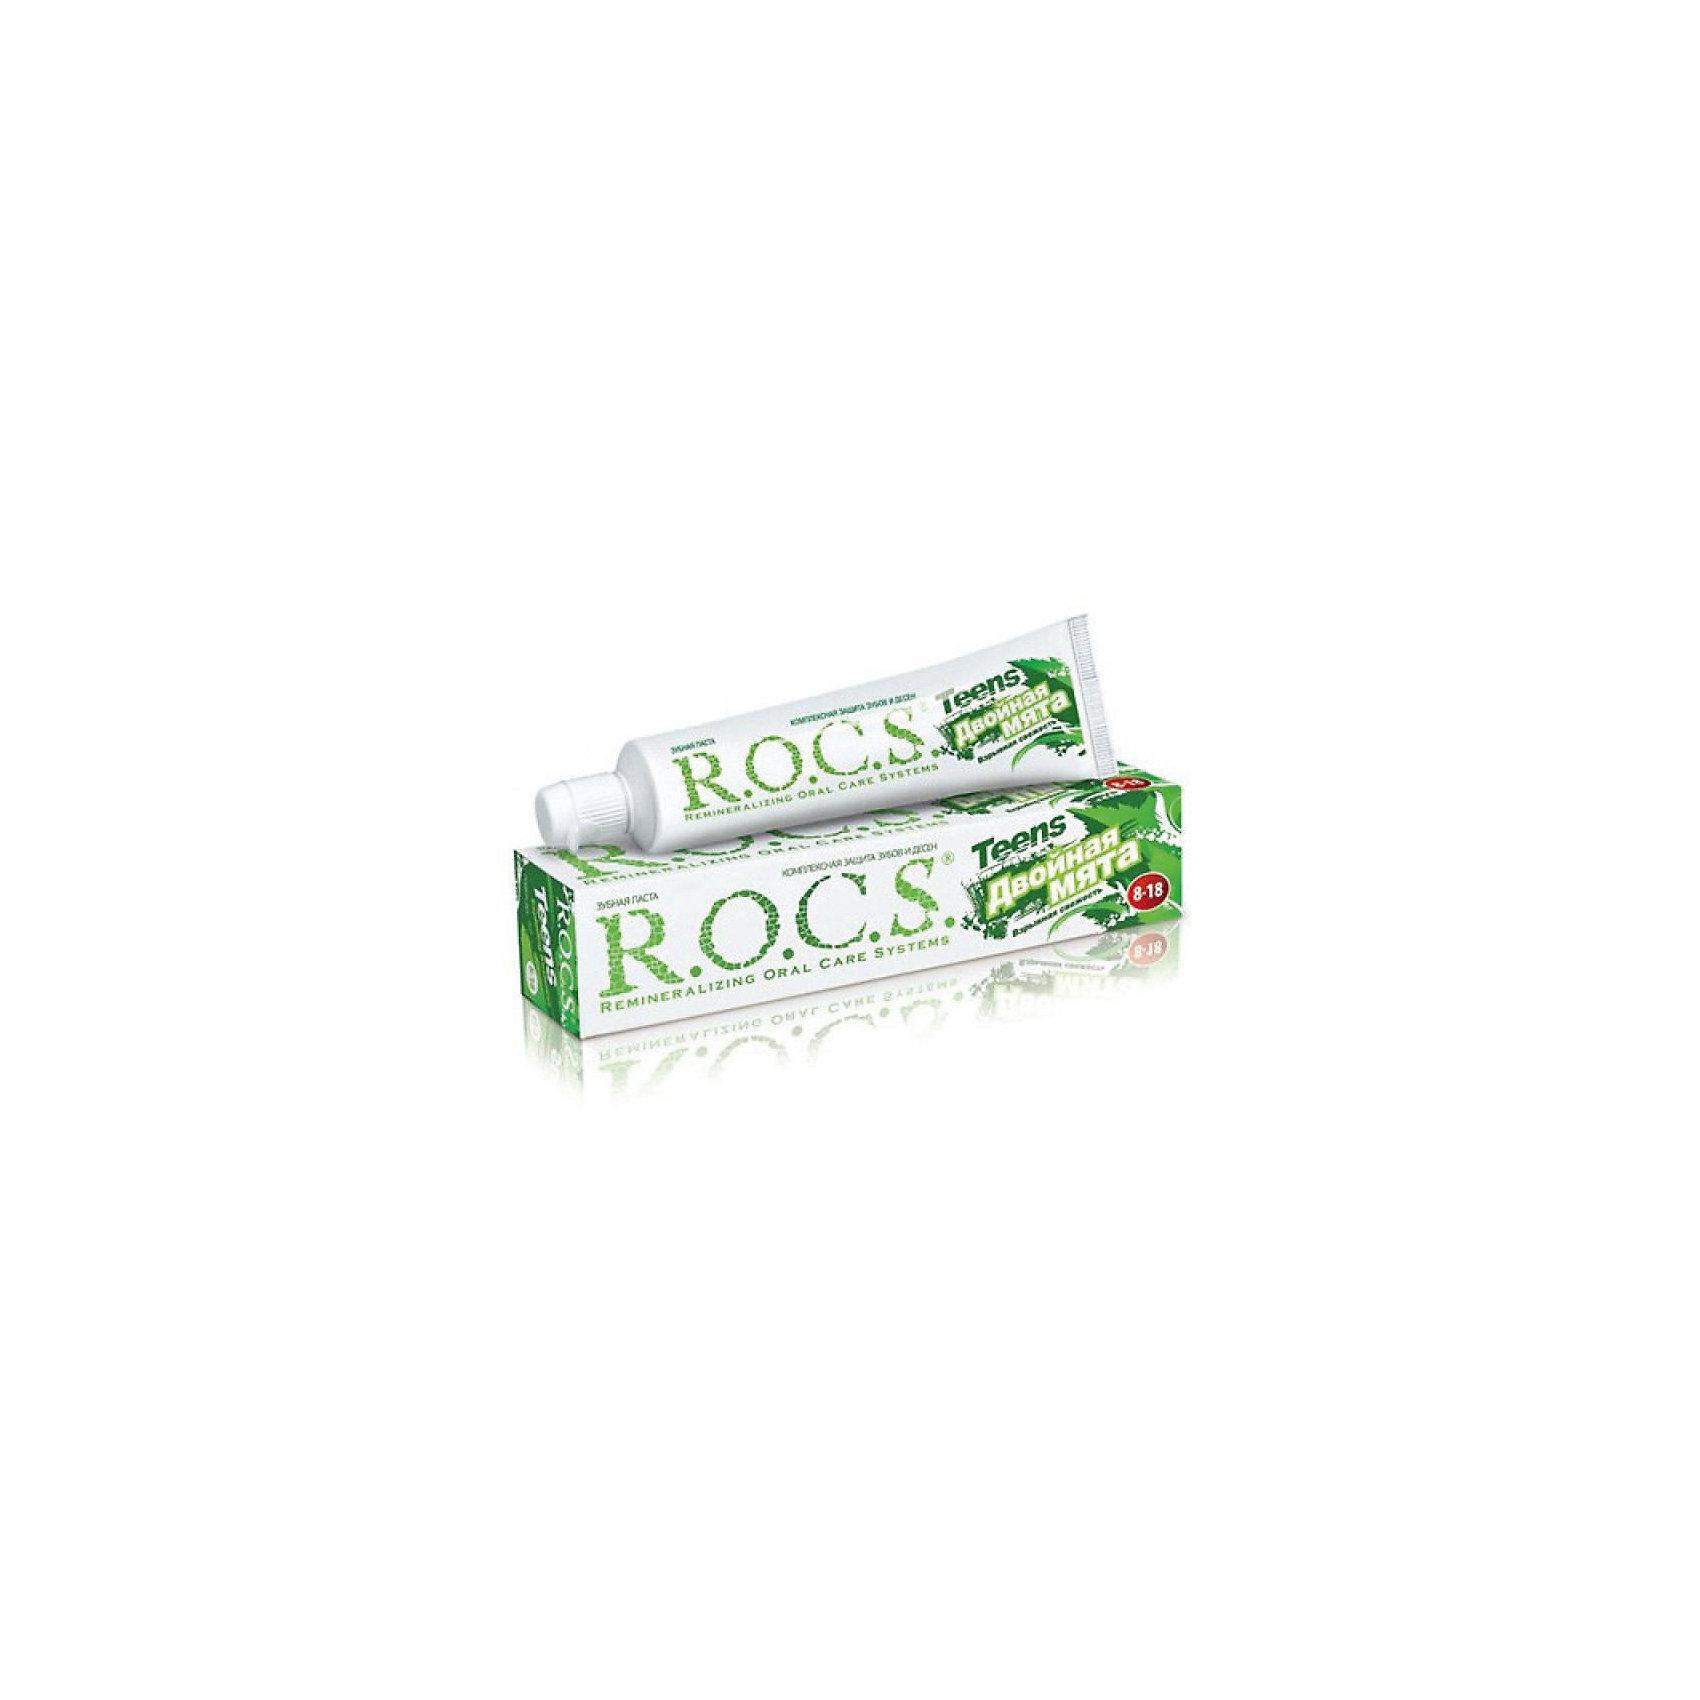 R.O.C.S. Зубная паста для подростков Teens (8-18 лет) Двойная мята, взрывная свежесть, 74гр., ROCS